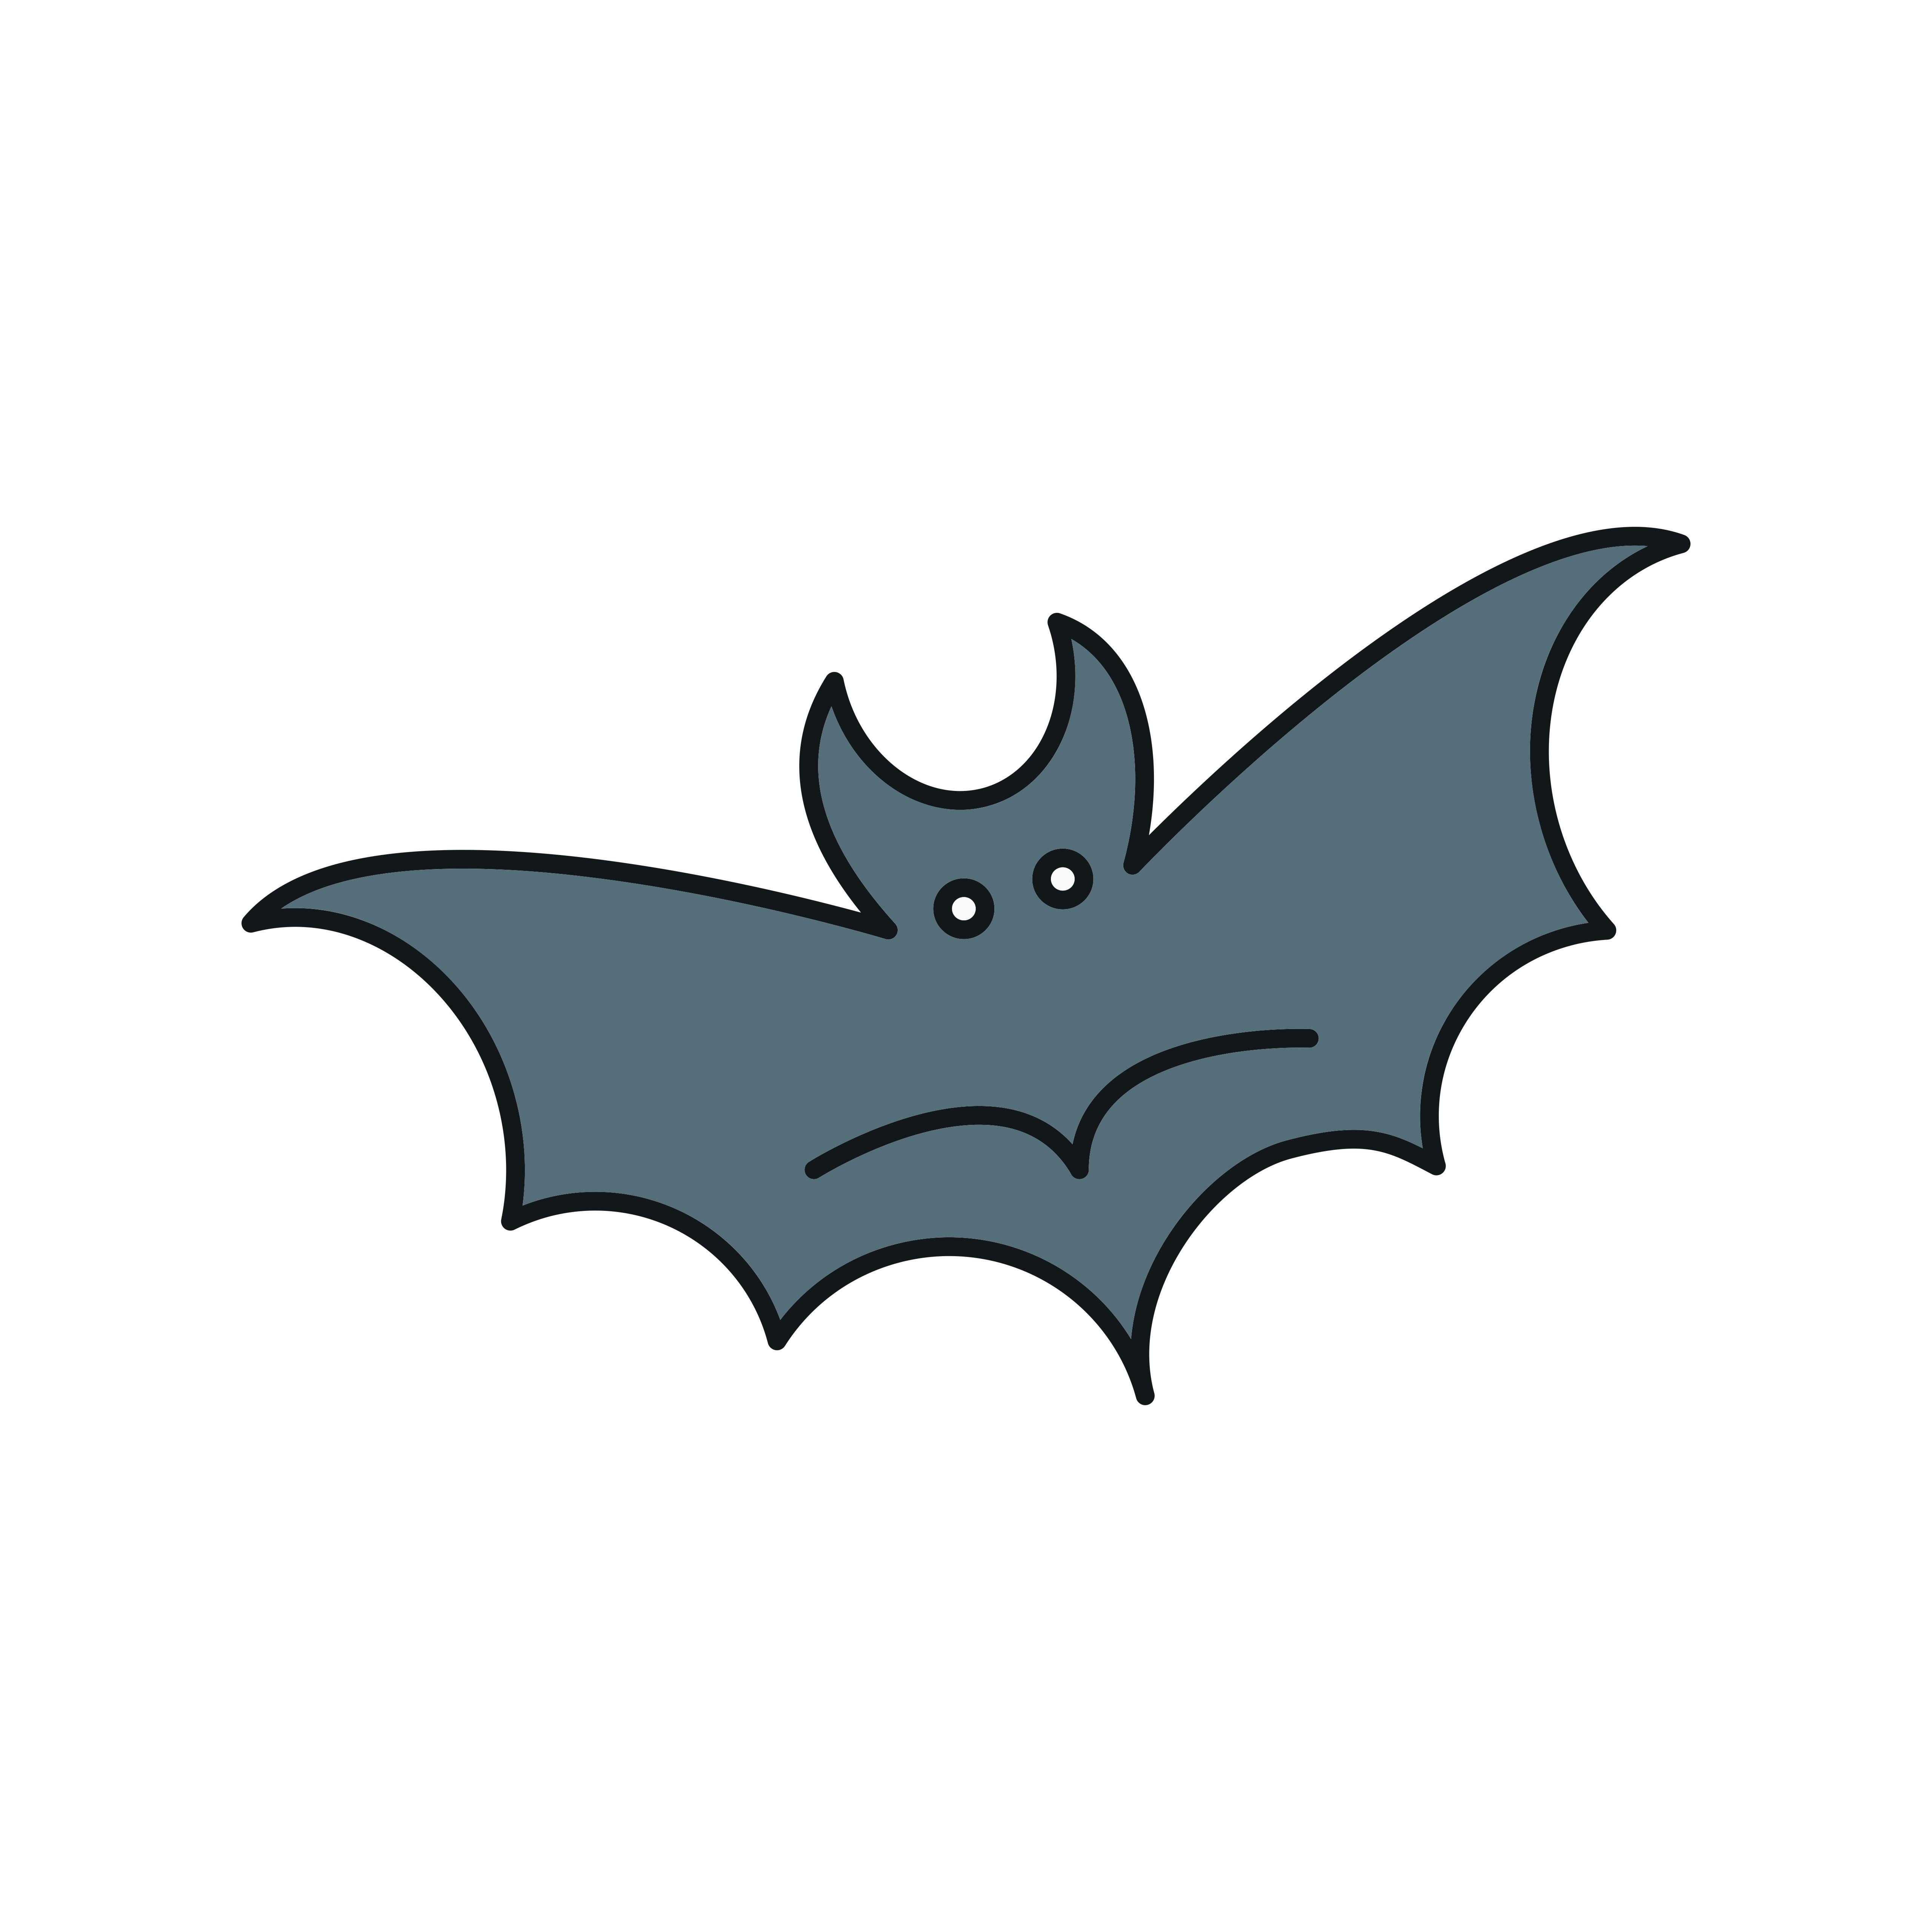 卡通蝙蝠 免費下載 | 天天瘋後製